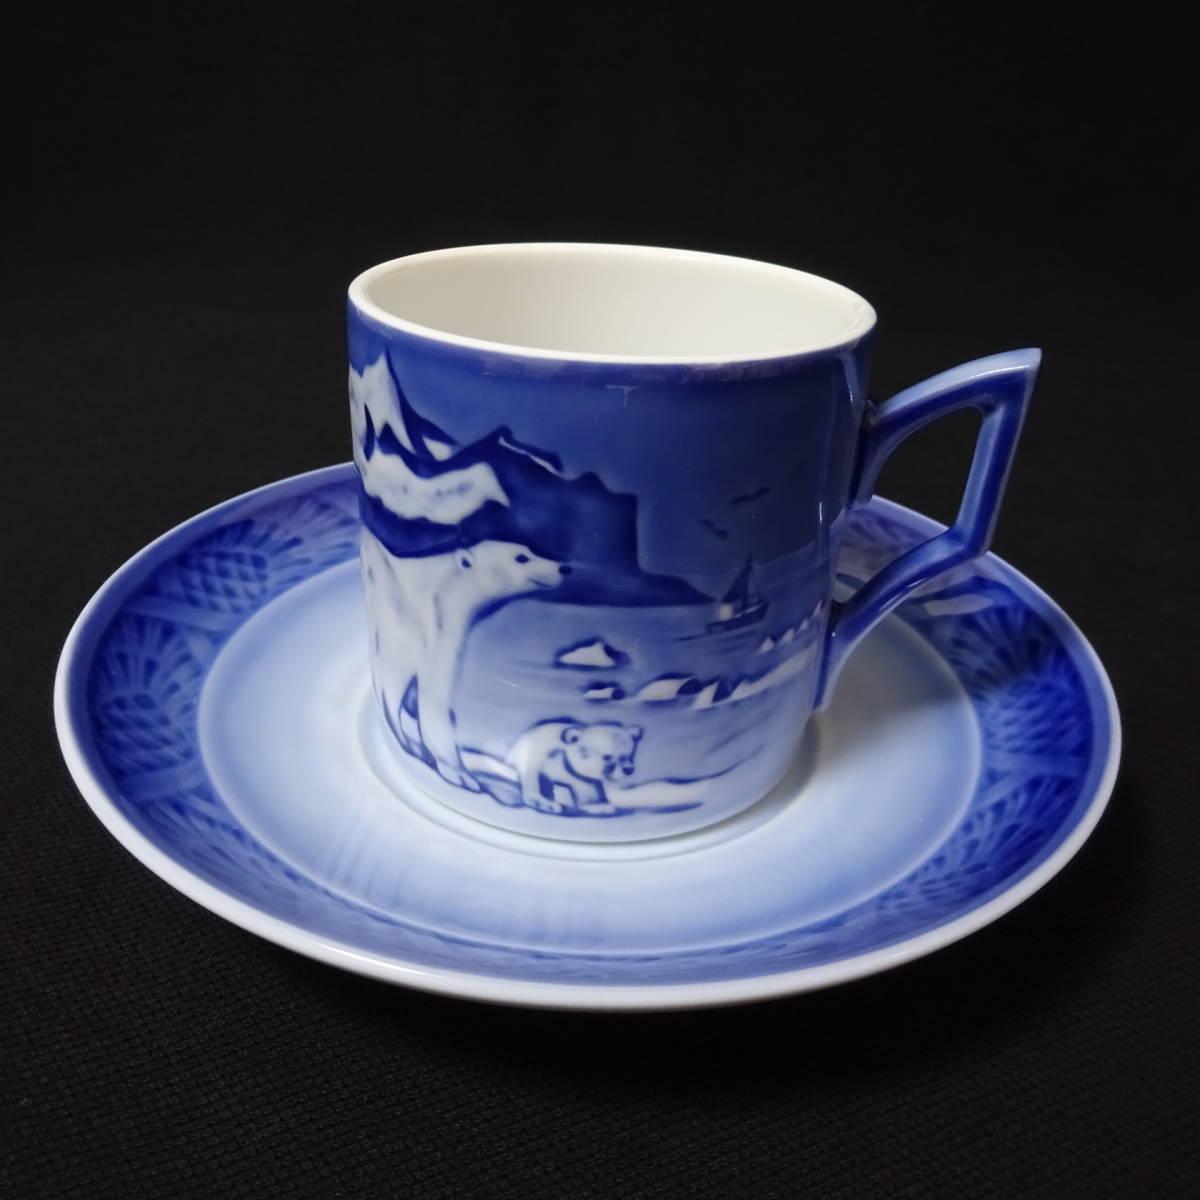 【1150608-175】ロイヤルコペンハーゲン 美品 2010年 イヤーカップ&ソーサーセット 白くま 食器 インテリア 80サイズ発送同梱不可